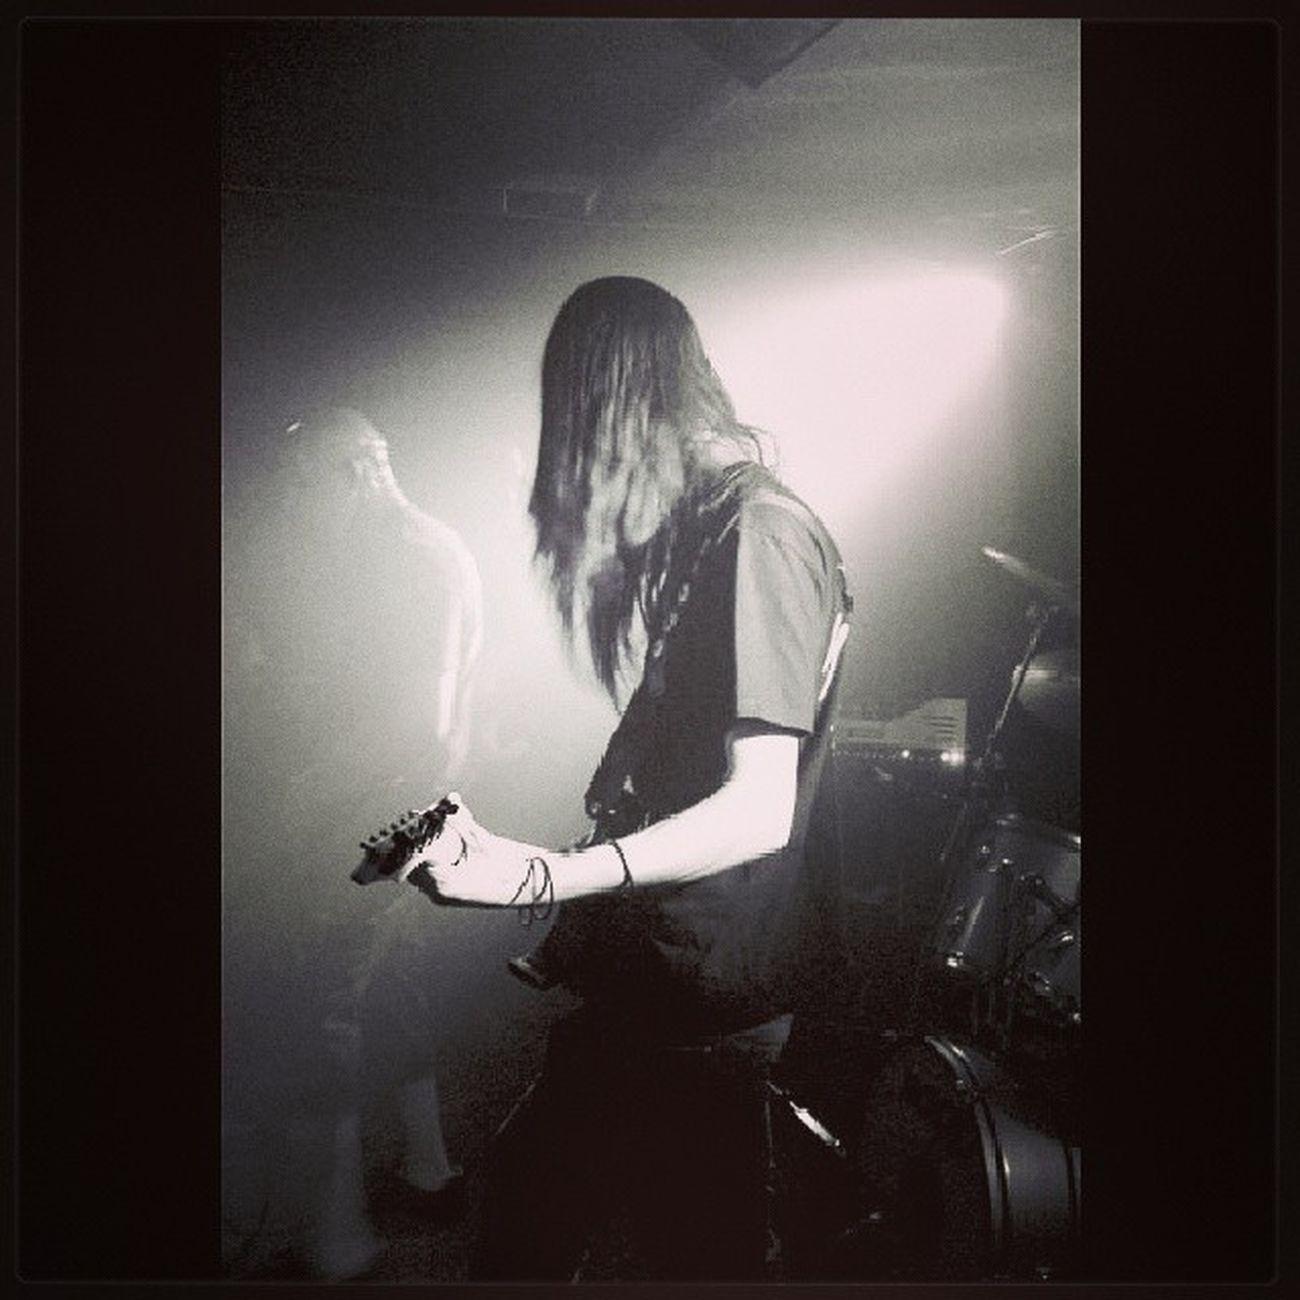 Metal Blackmetal Deathmetal Longhairedguys longhair